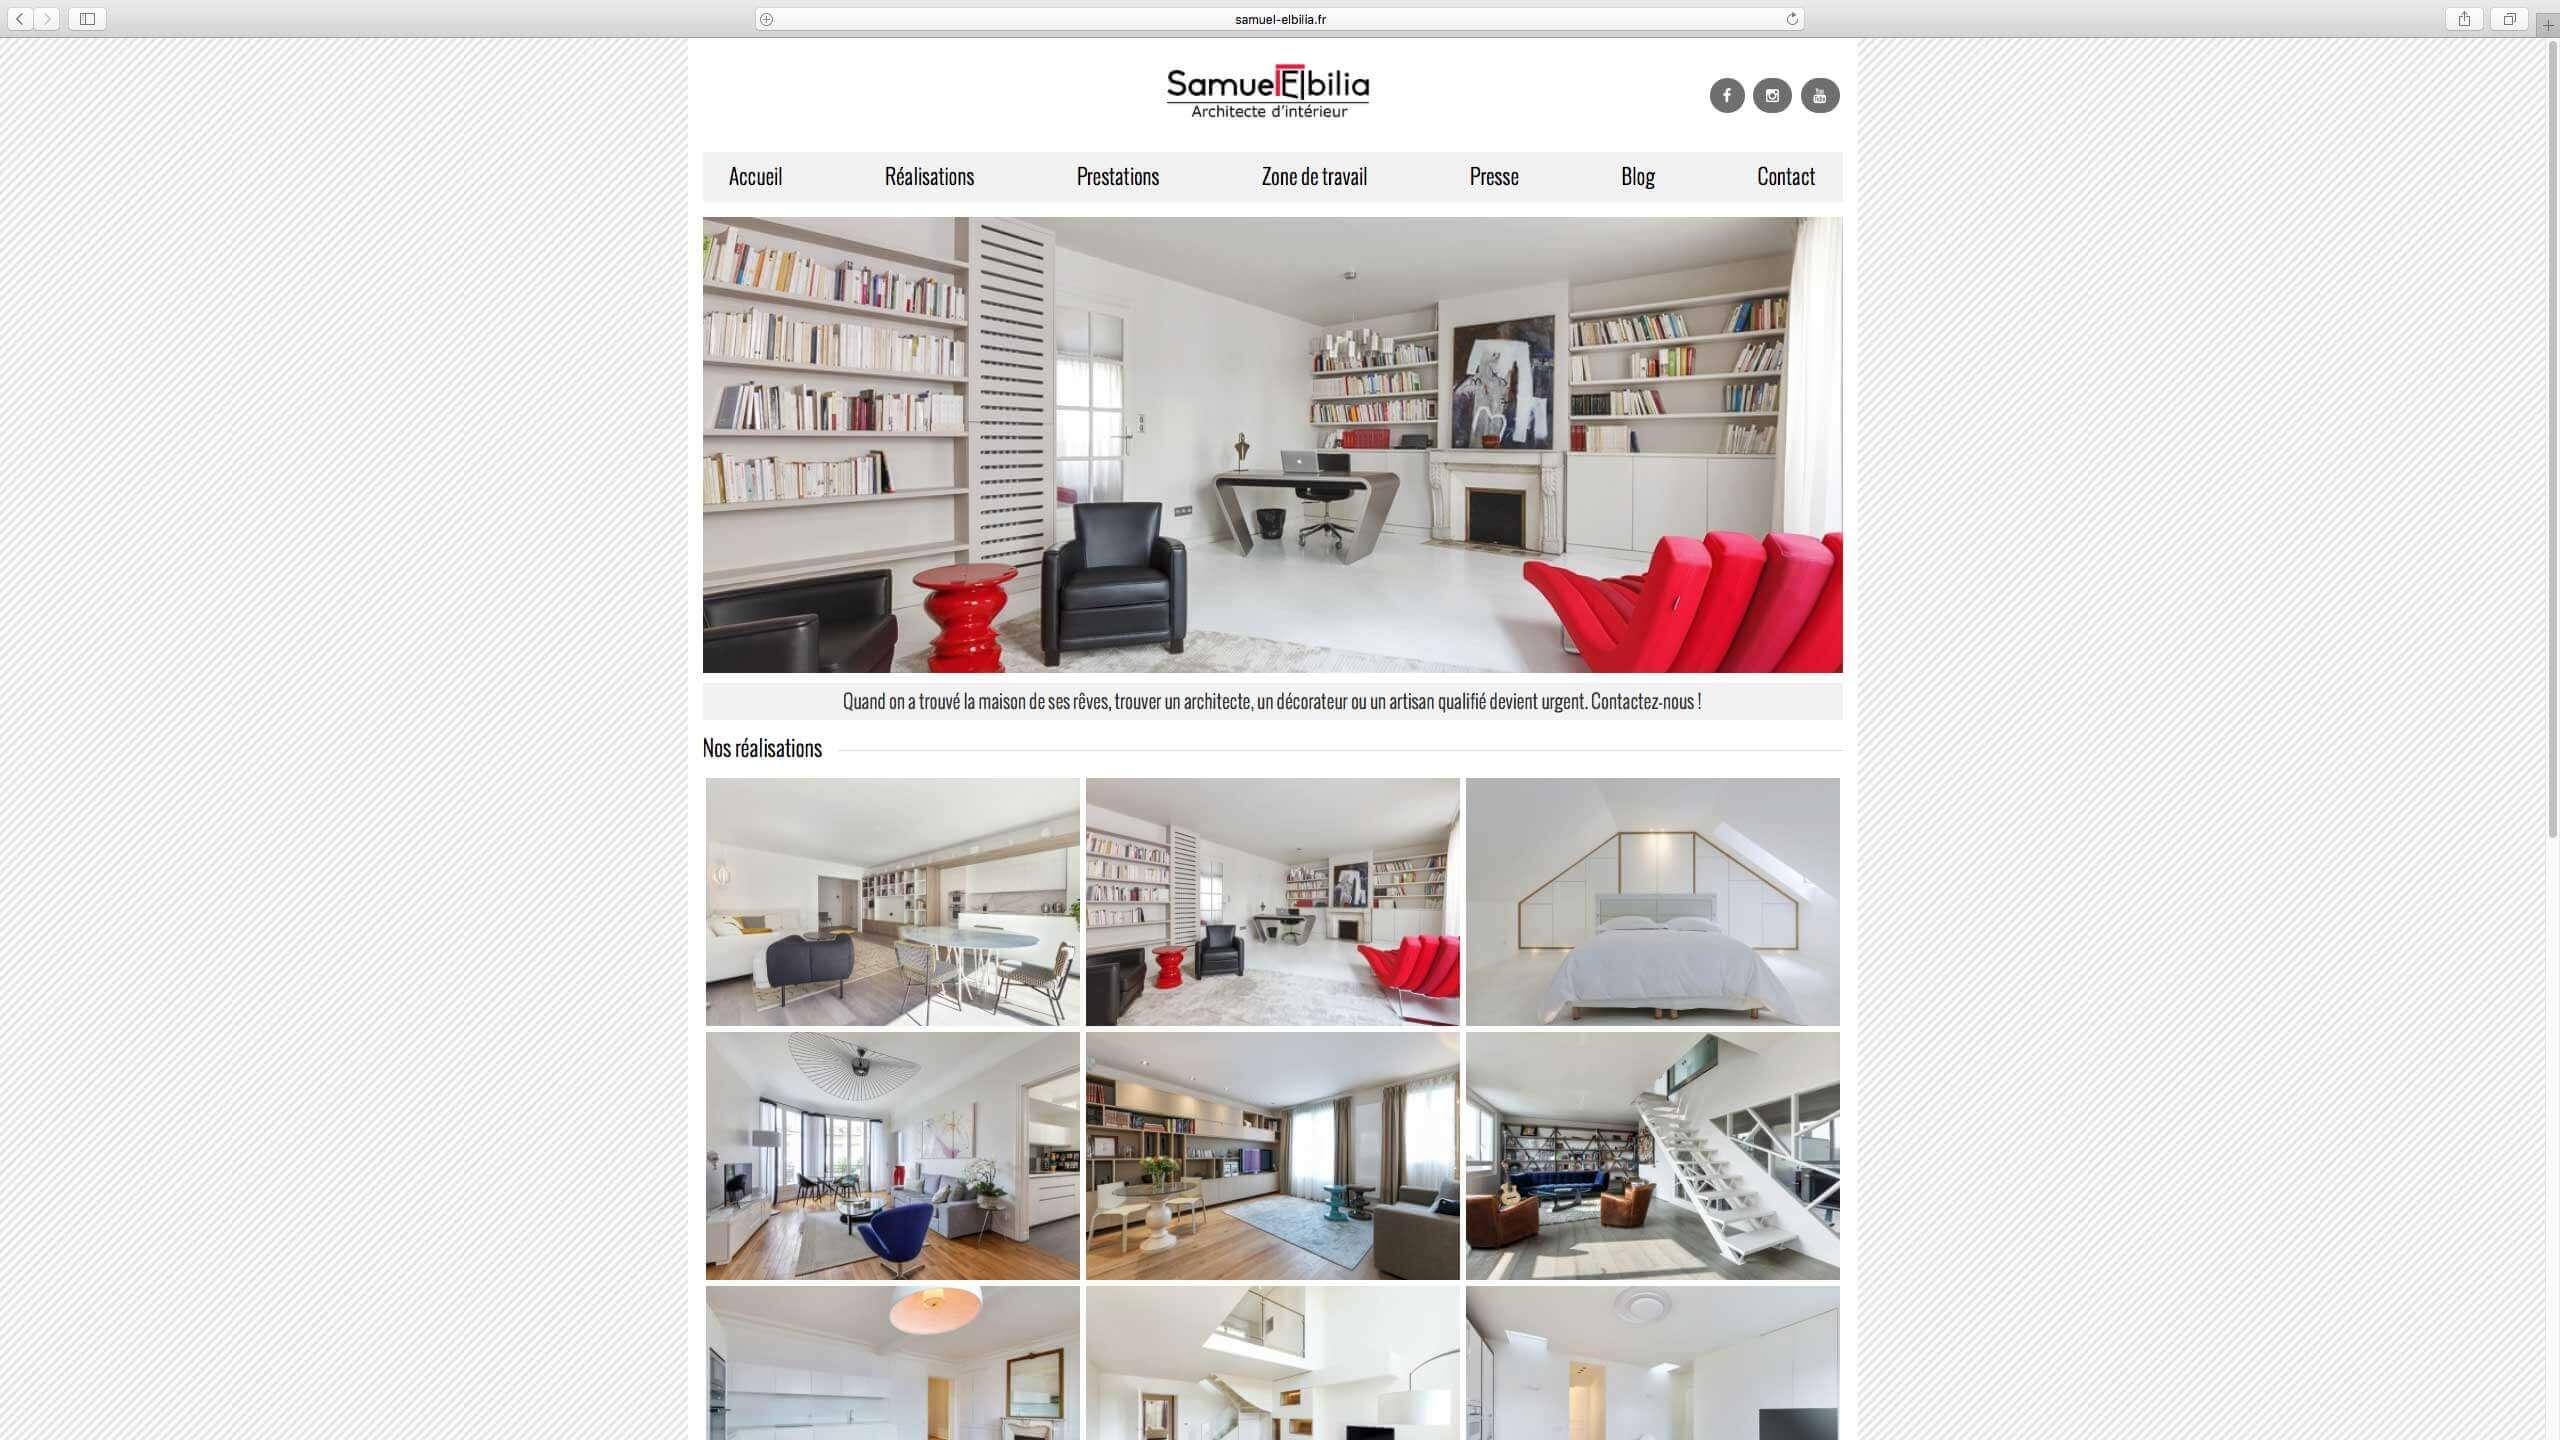 Capture d'écran du site internet Samuel Elbilia réalisé par Kevin de Sousa